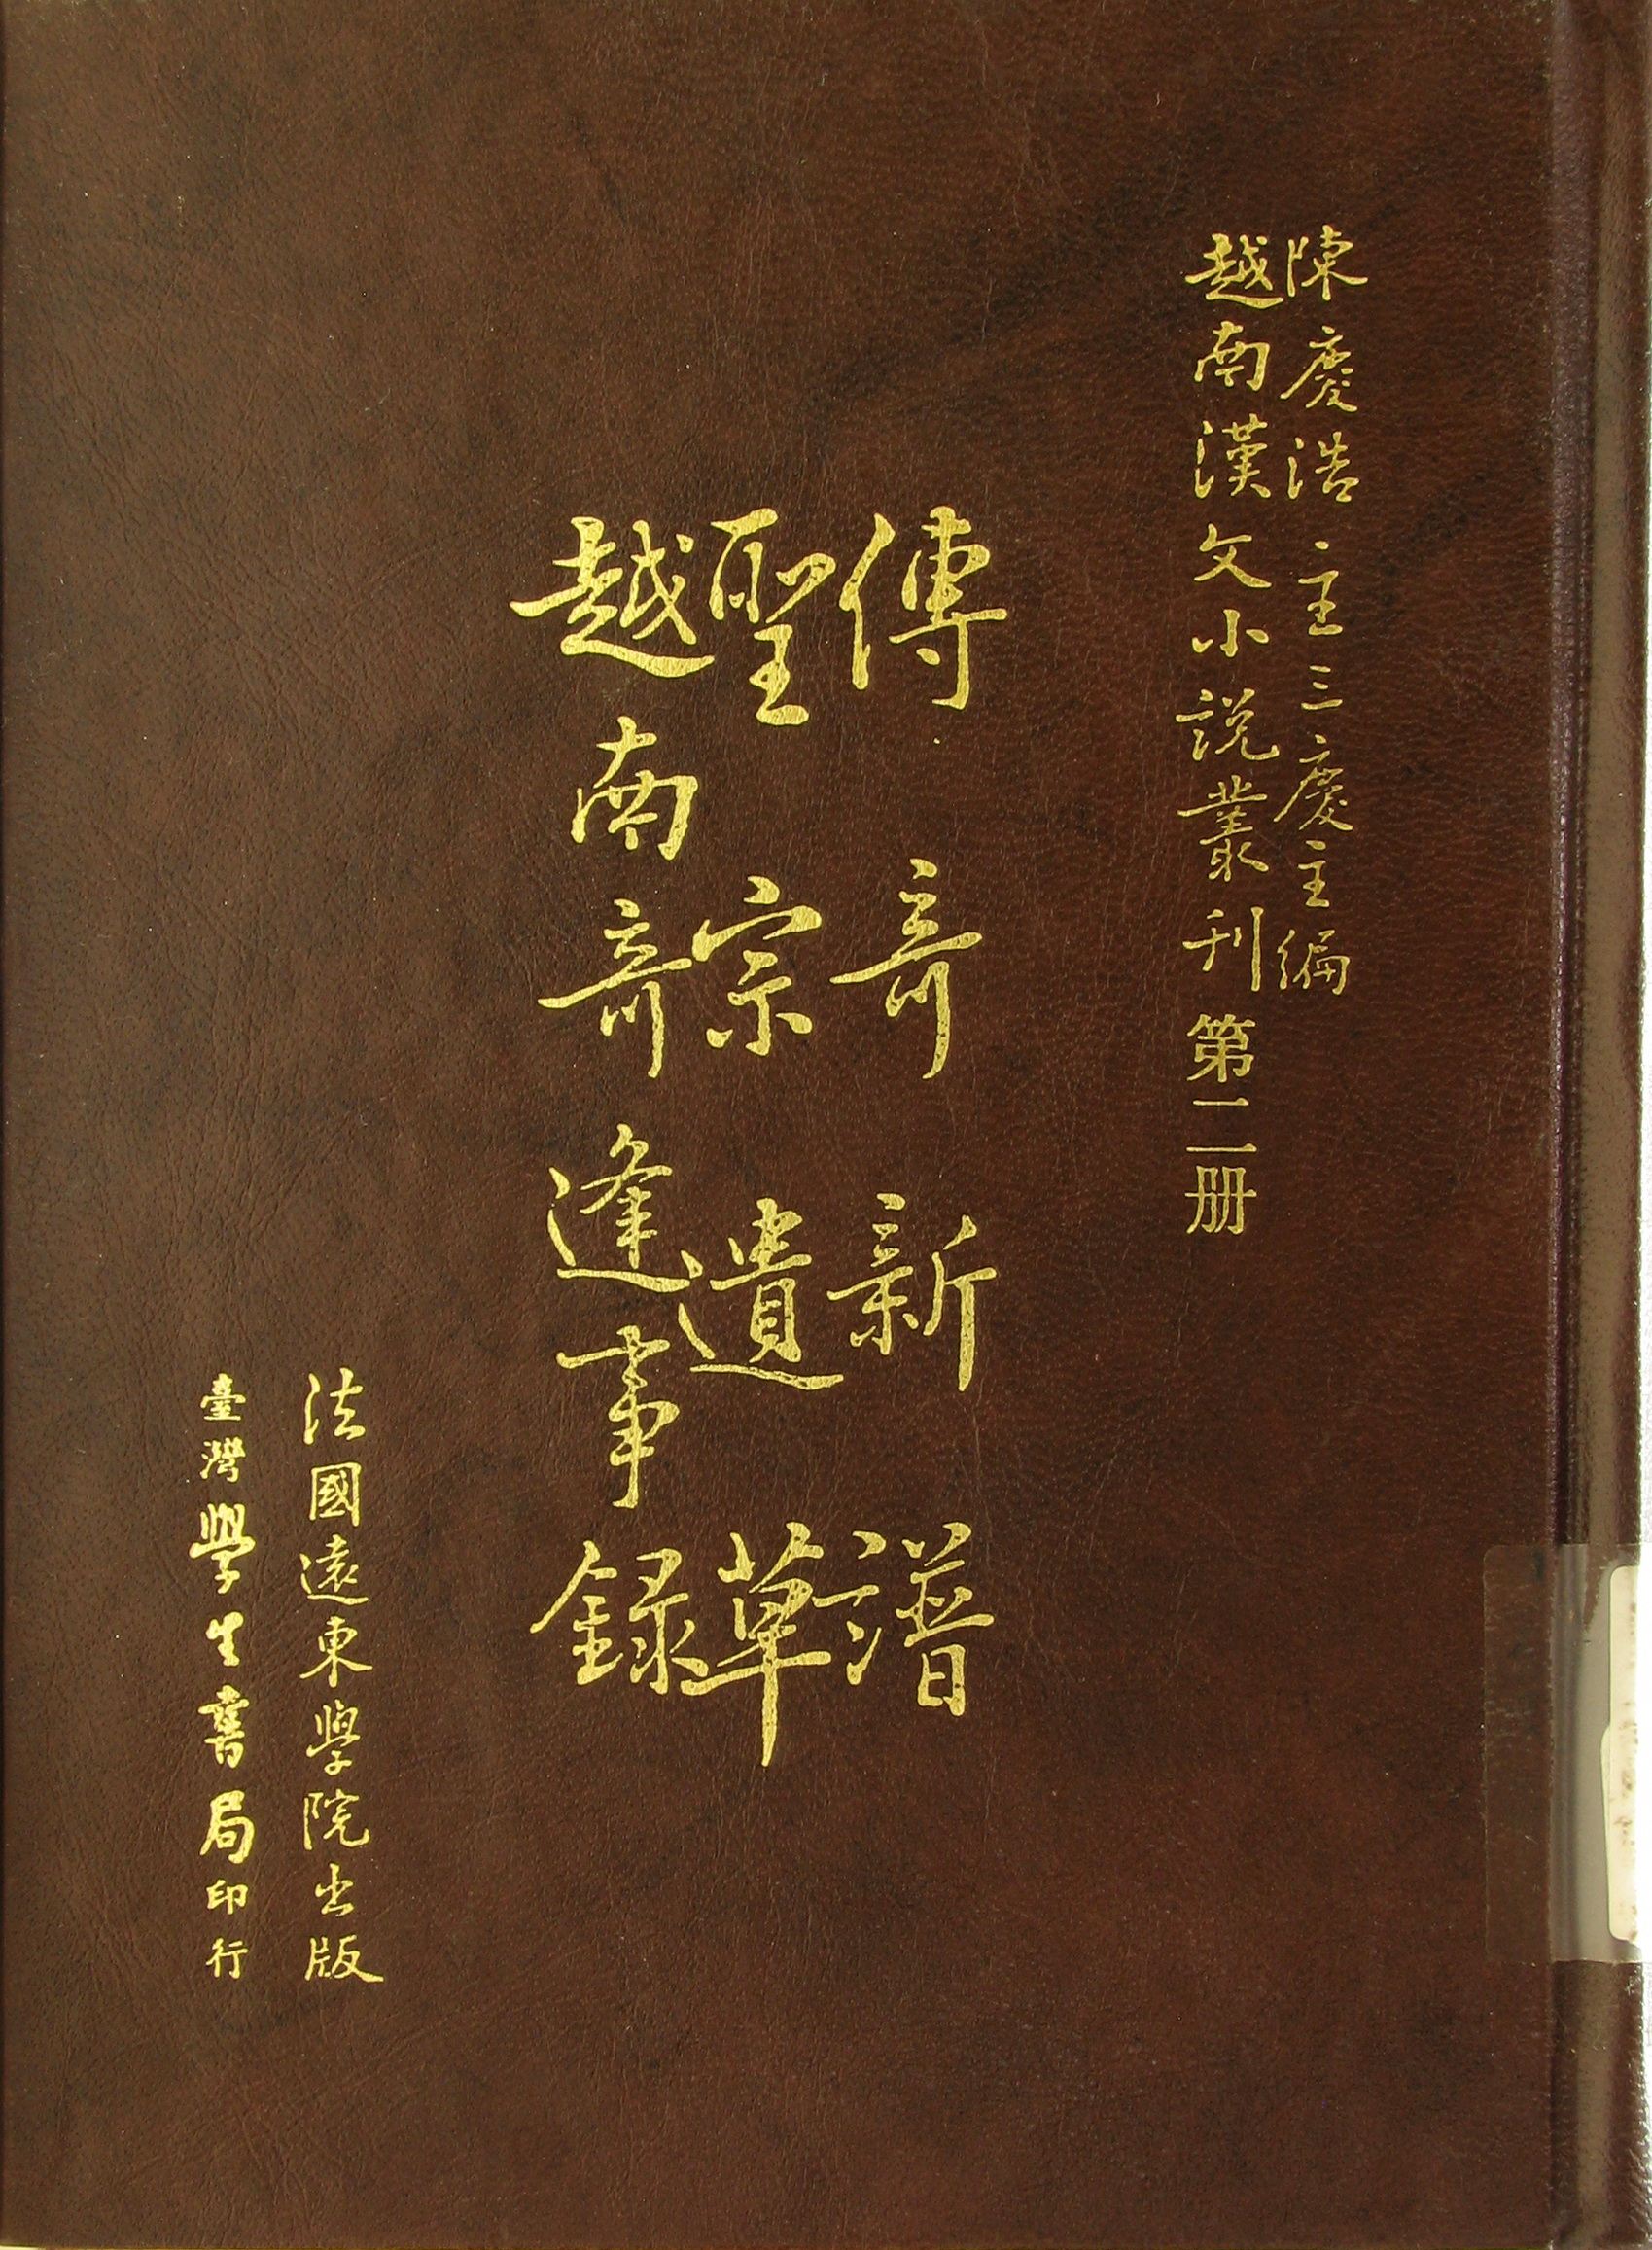 越南漢文小說叢刊第一輯第二冊